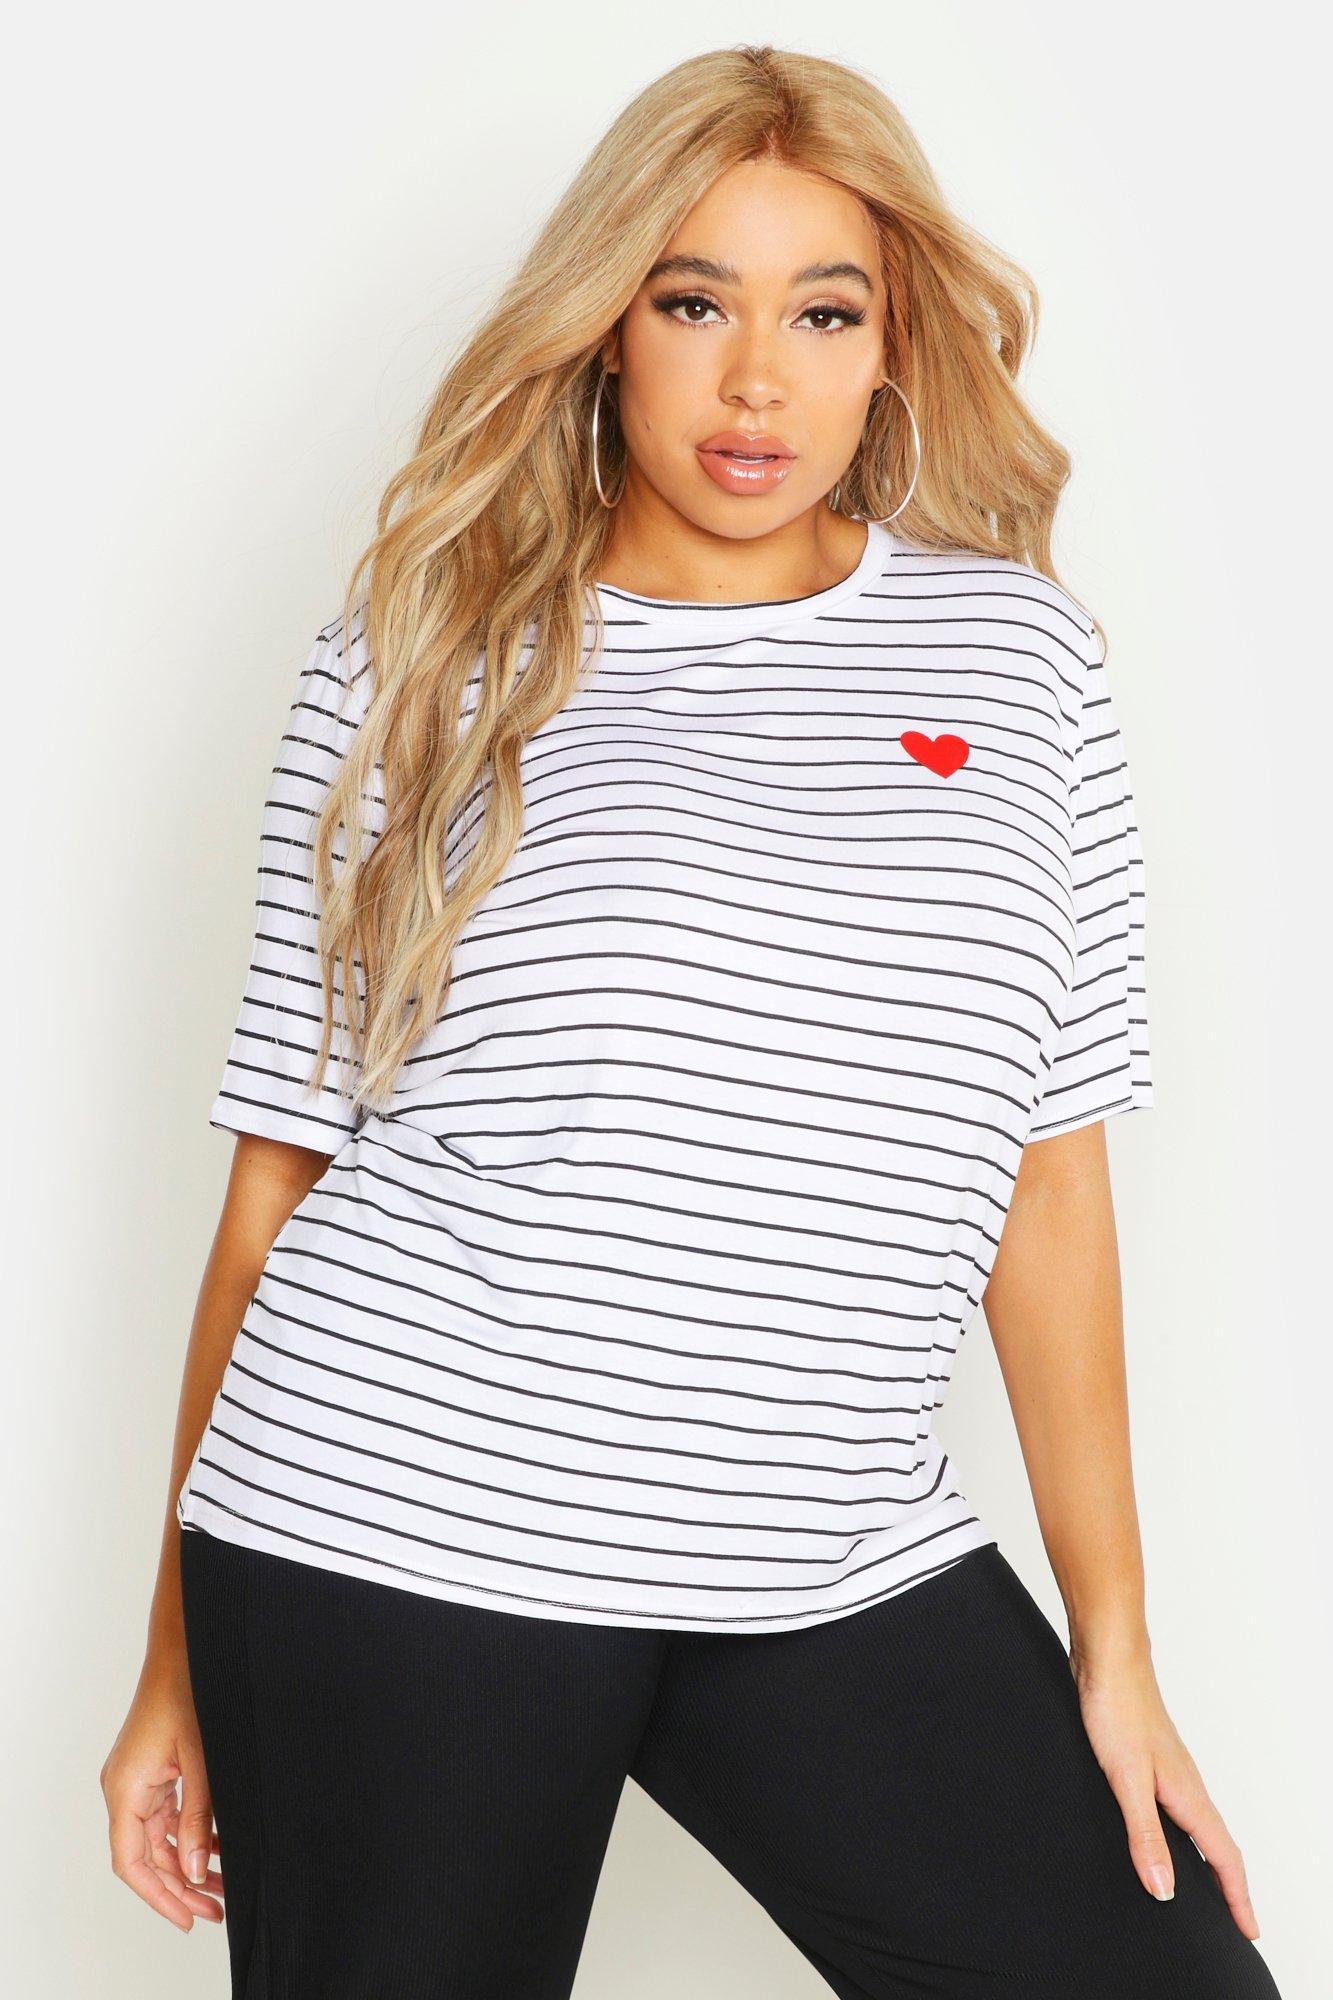 Womens Plus Gestreiftes T-Shirt mit Herzchen-Print auf der Tasche - Weiß - 42, Weiß - Boohoo.com